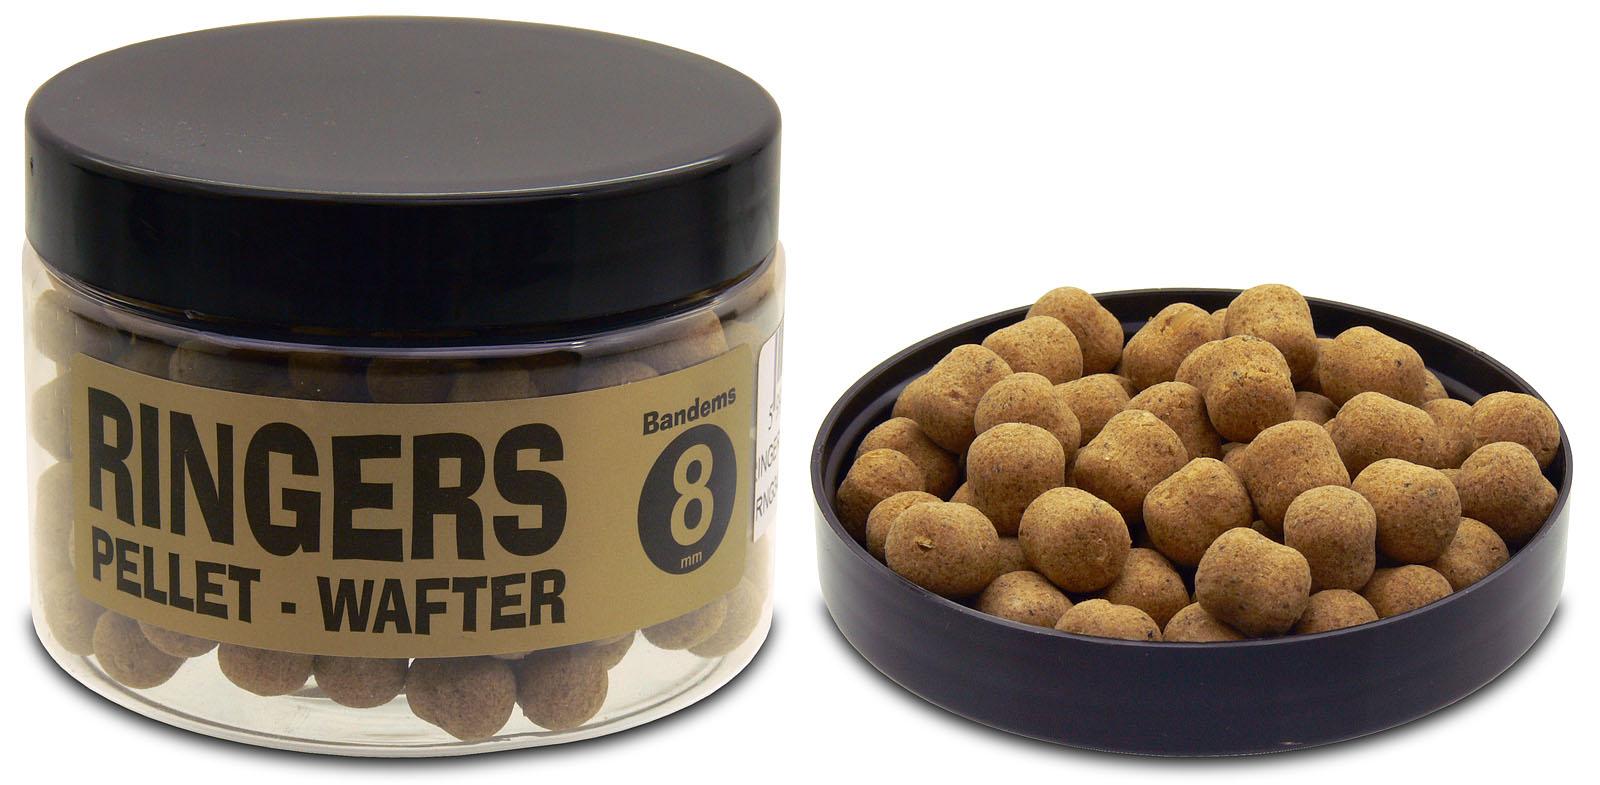 Hajszálelőkén és csalitüskén egyaránt kiválóan használható, 4 évszakos wafter csali a Ringers palettáról!